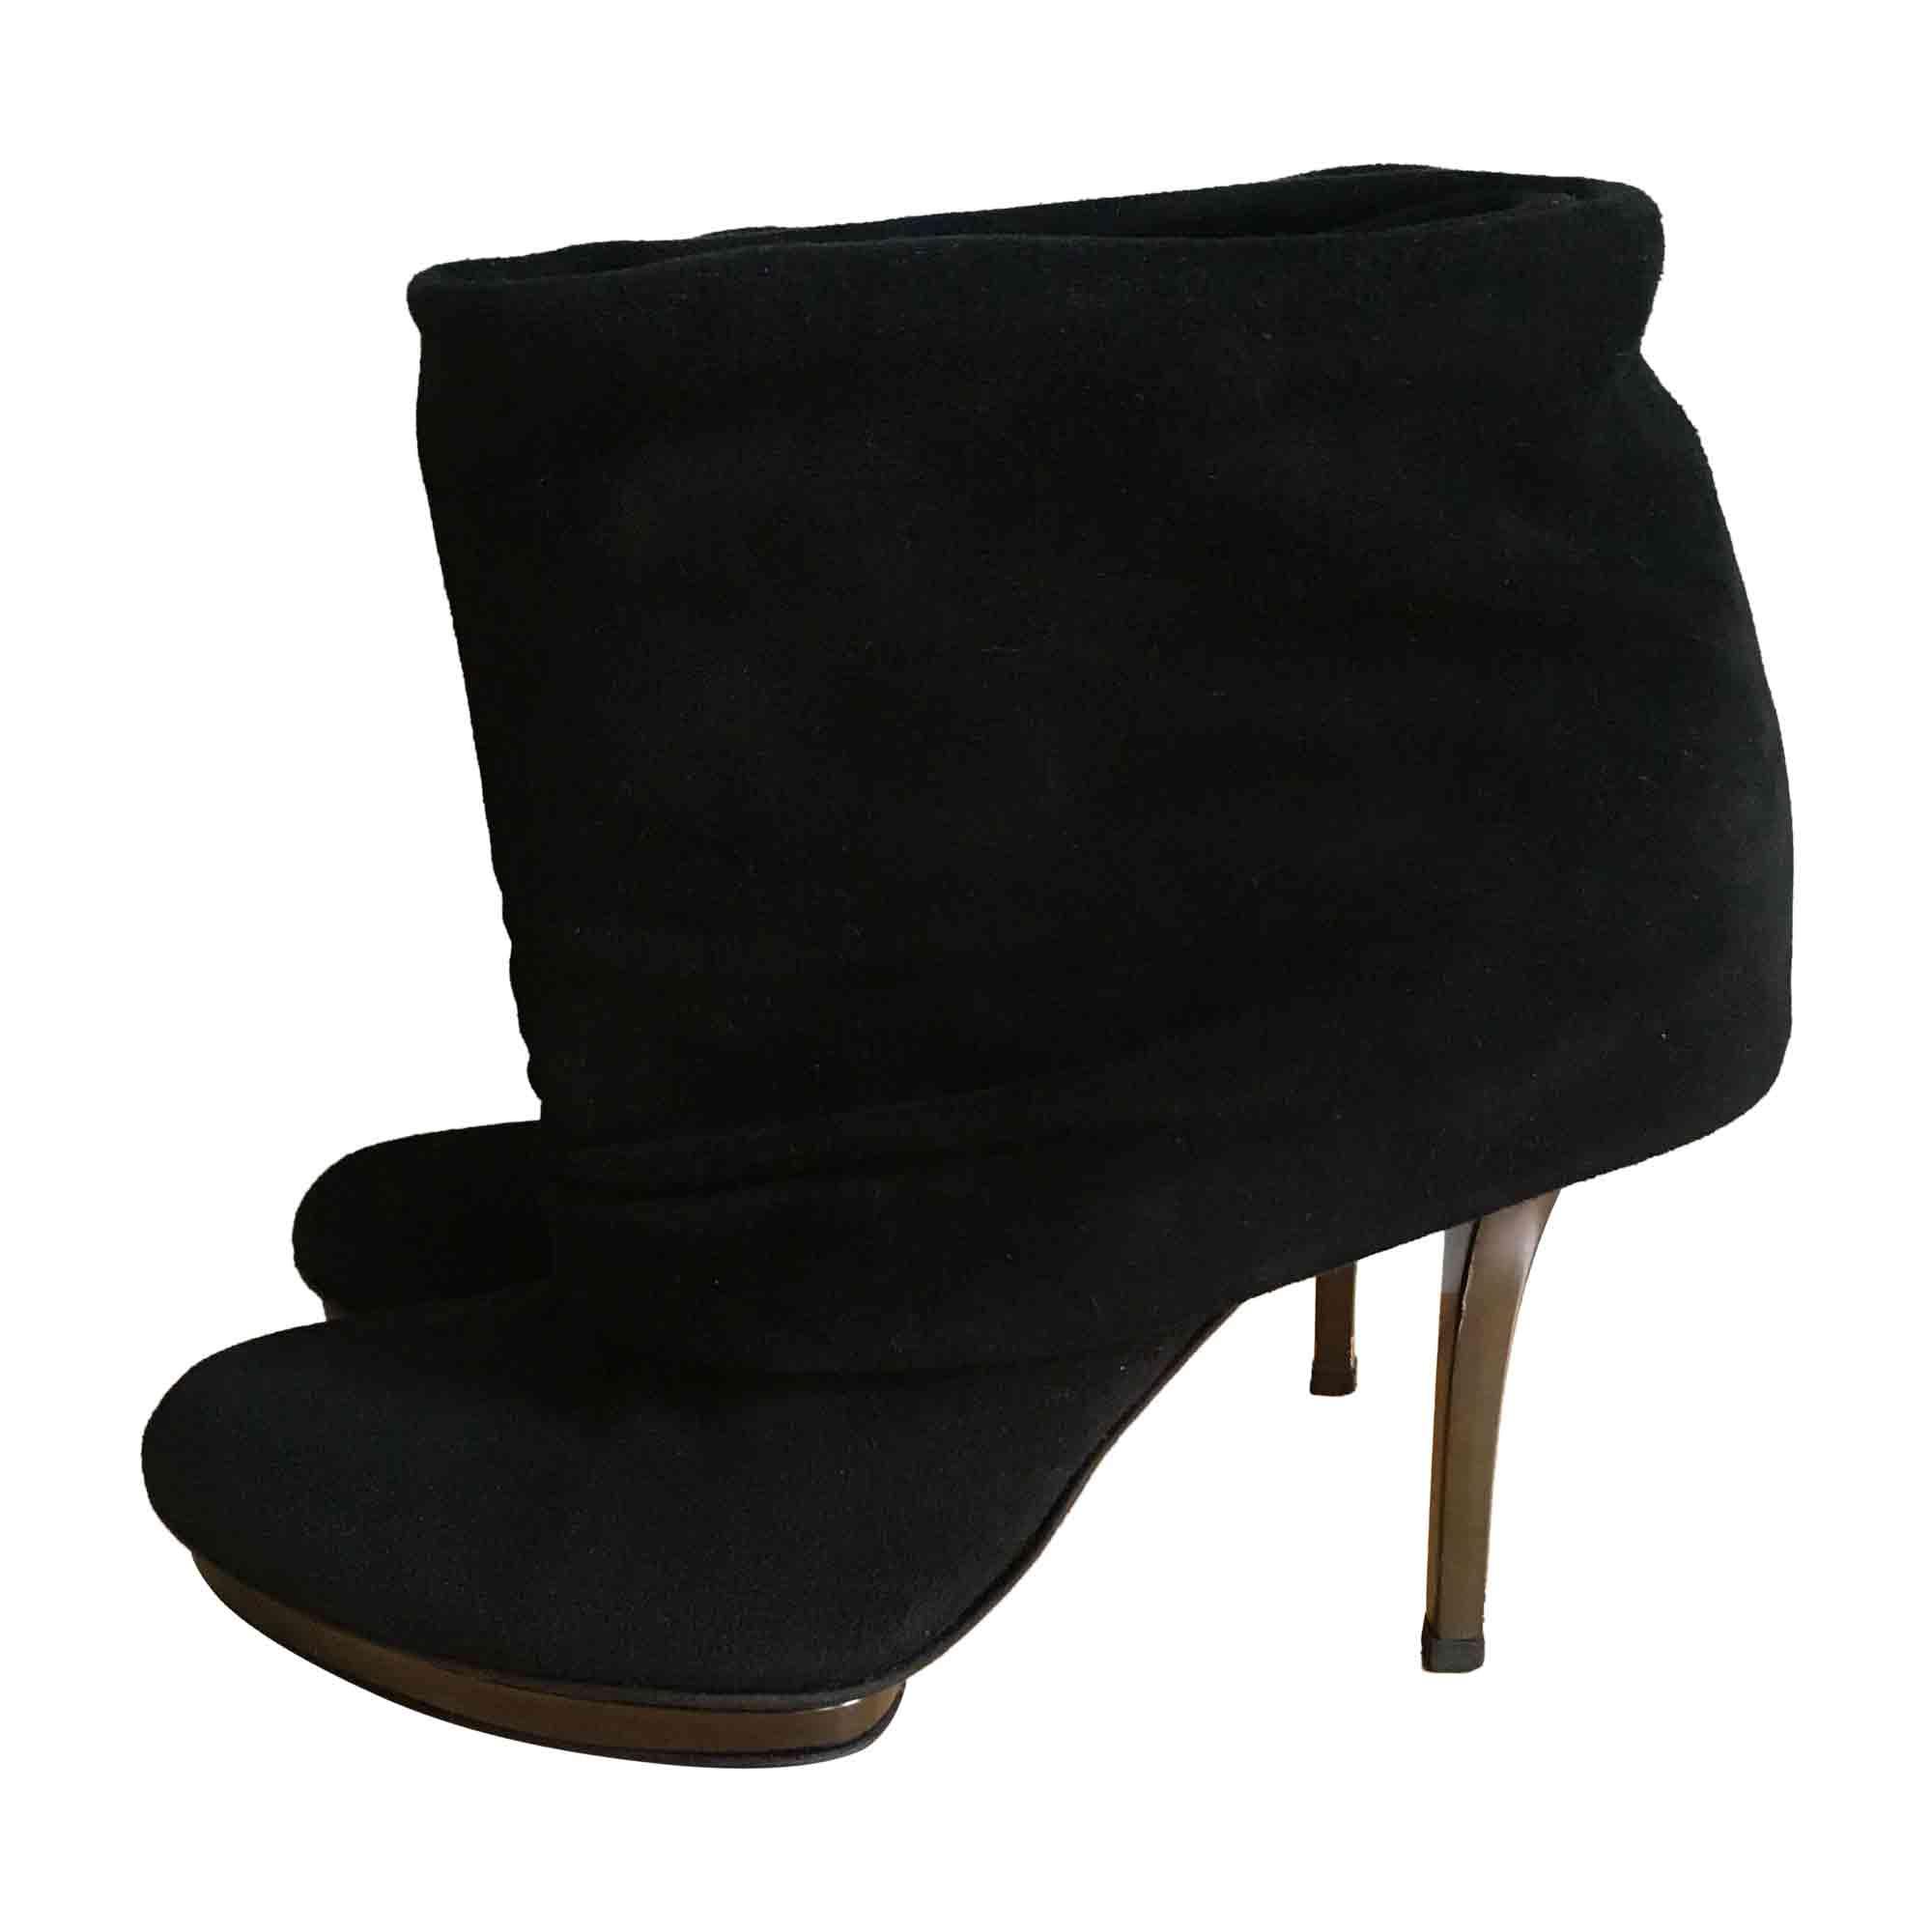 a91bbd24a98 Bottines   low boots à talons GUCCI 37 noir - 6197807